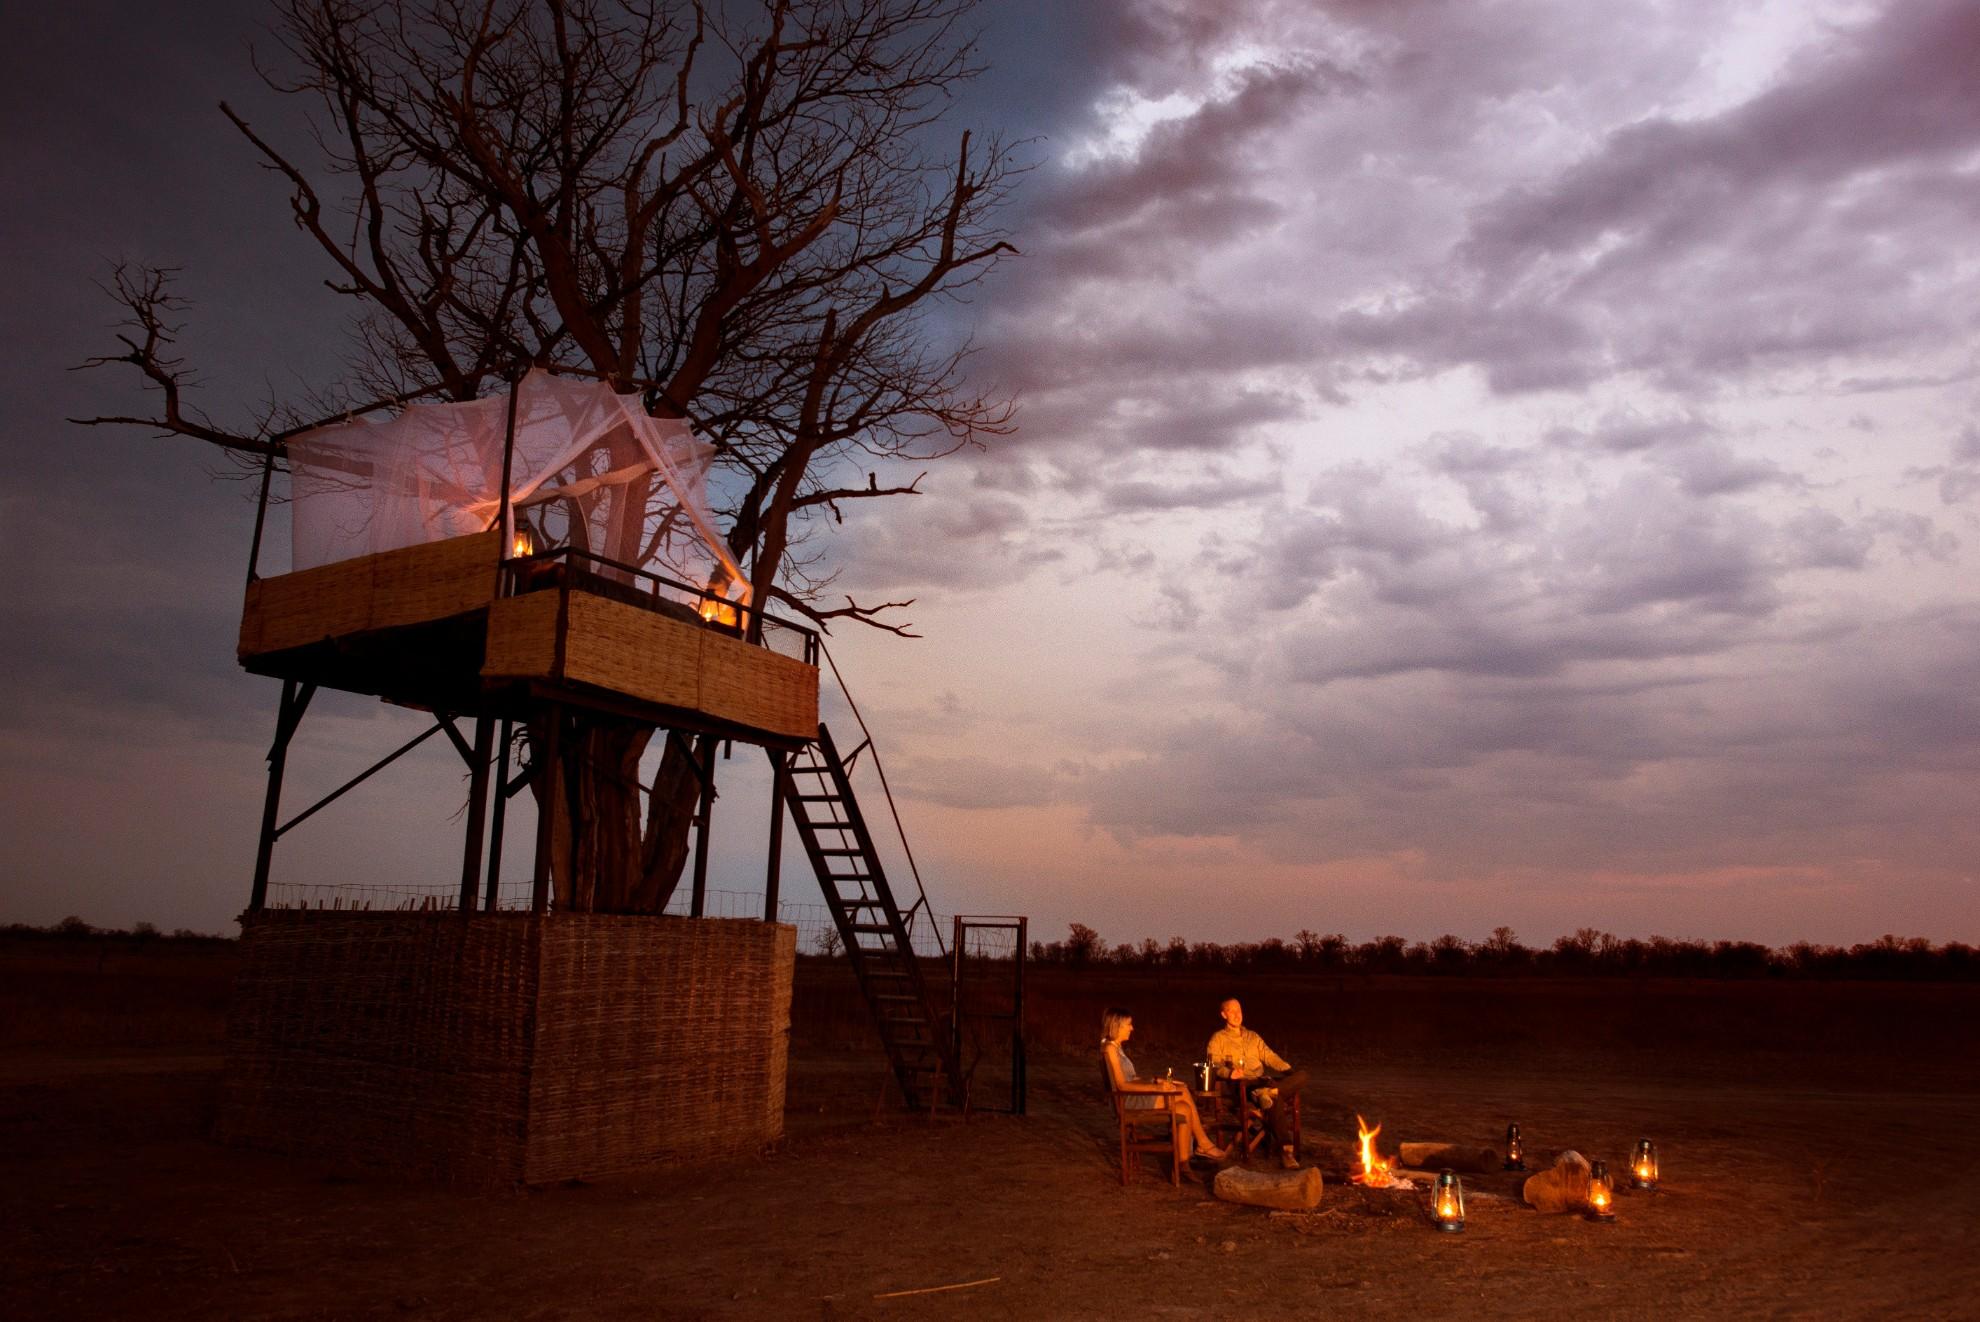 Mwamba Bush Camp South Luangwa National Park Zambia Numbu Star Bed Moonrise